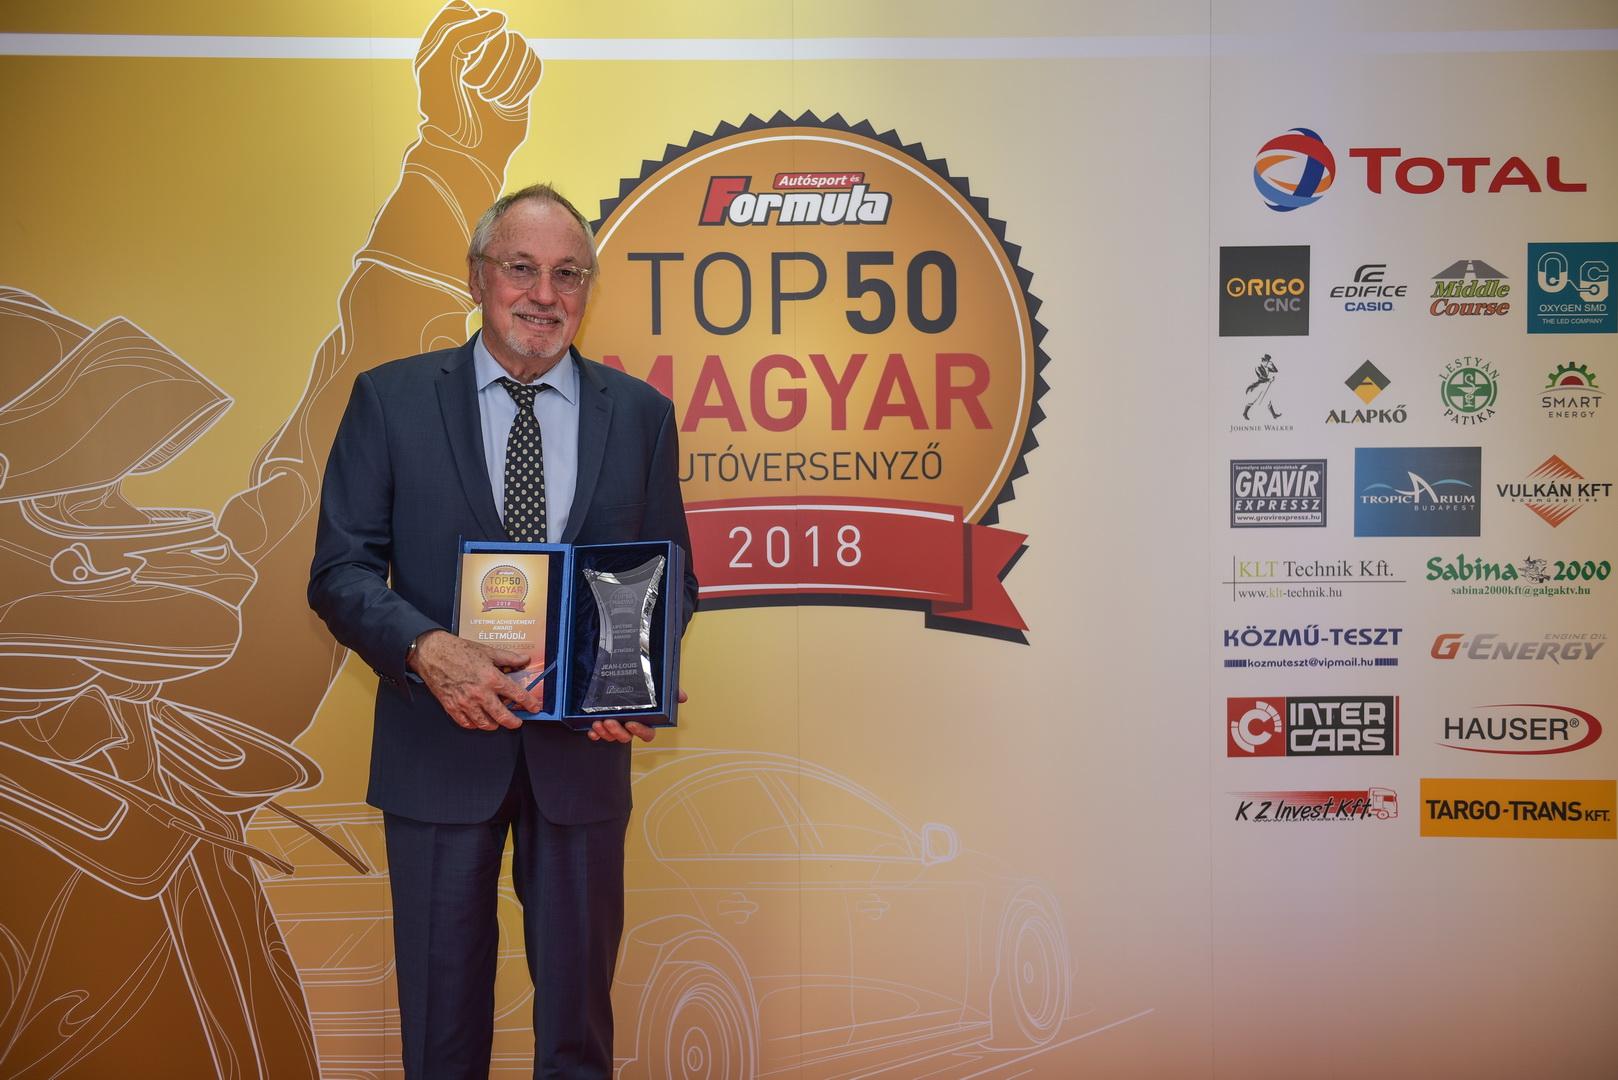 schlesser-top50-gala-2018-05.jpg